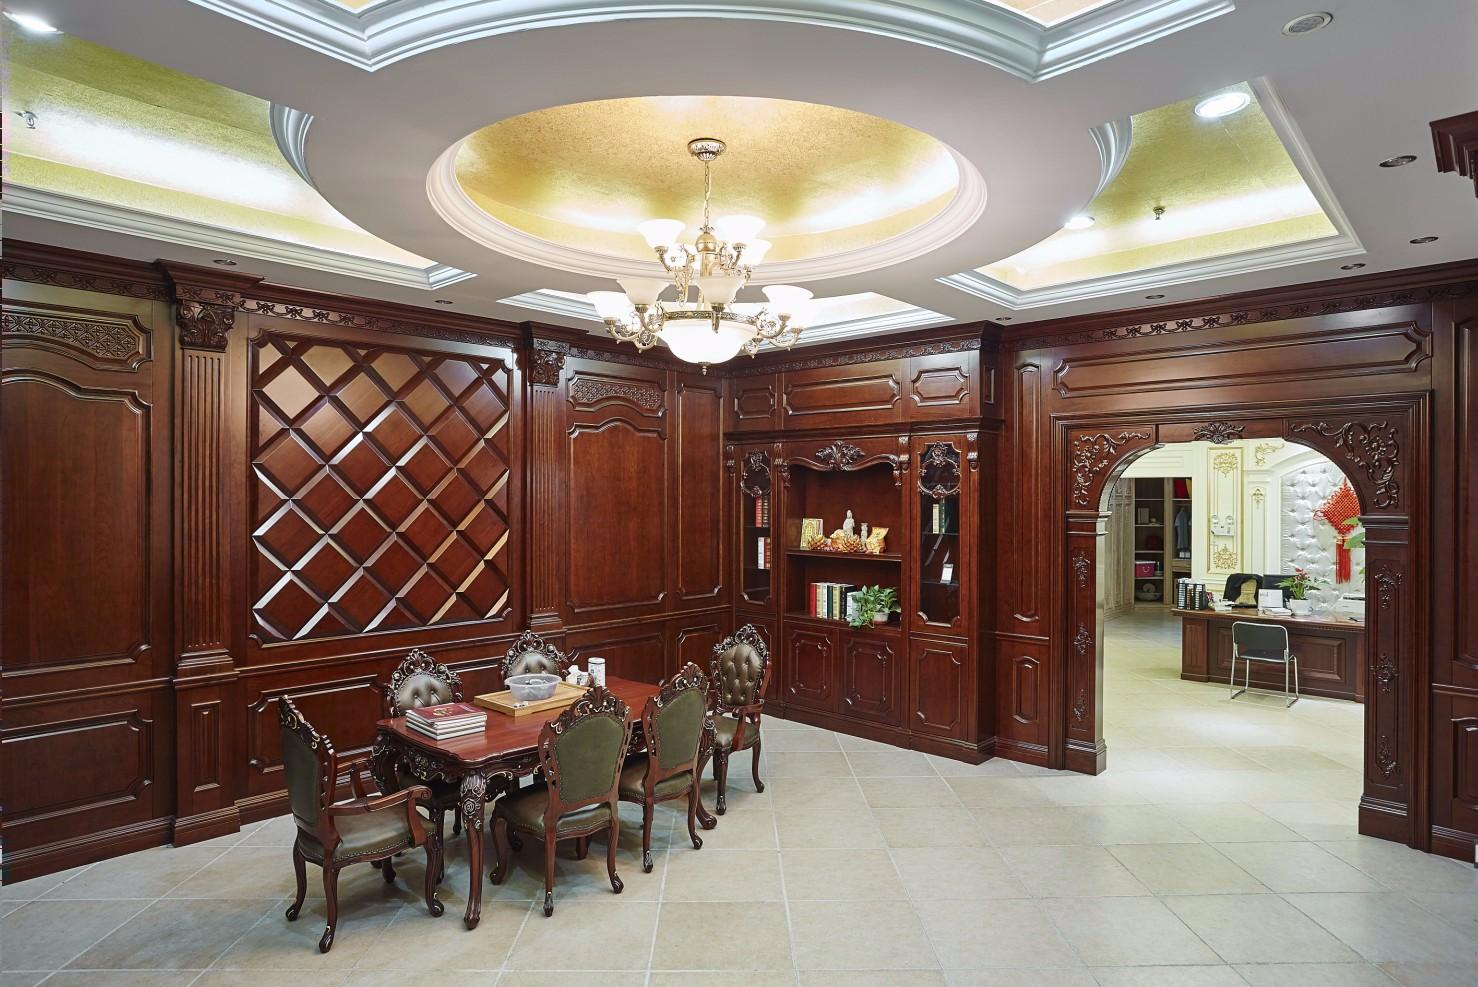 卧室套房,书房,酒柜酒窖,客厅餐厅,护墙板,木饰面吊顶,房门,楼梯等全